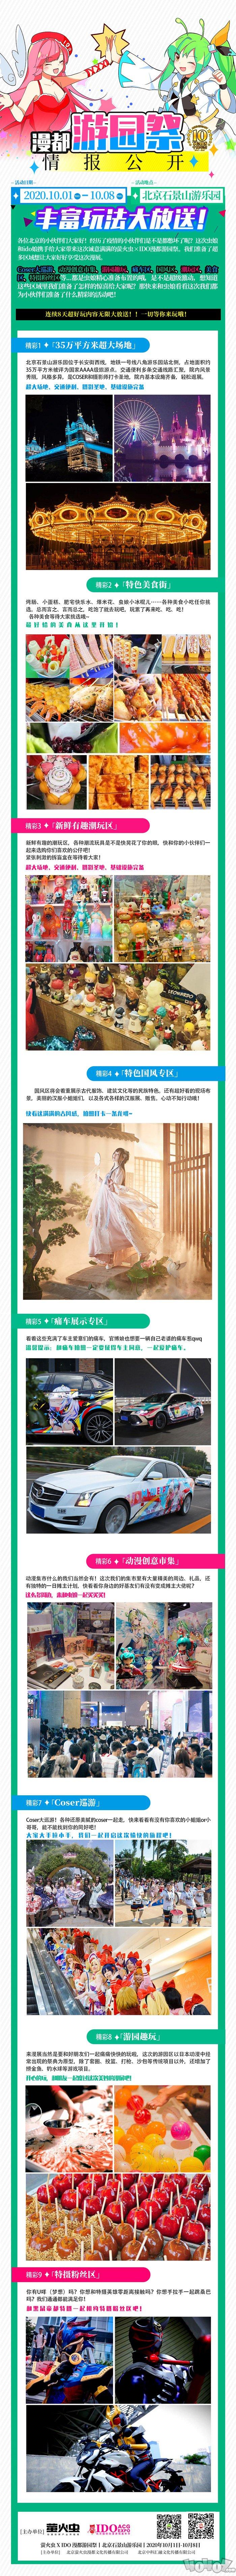 十一假期·北京【萤火虫 x IDO漫都游园祭】情报大公开!